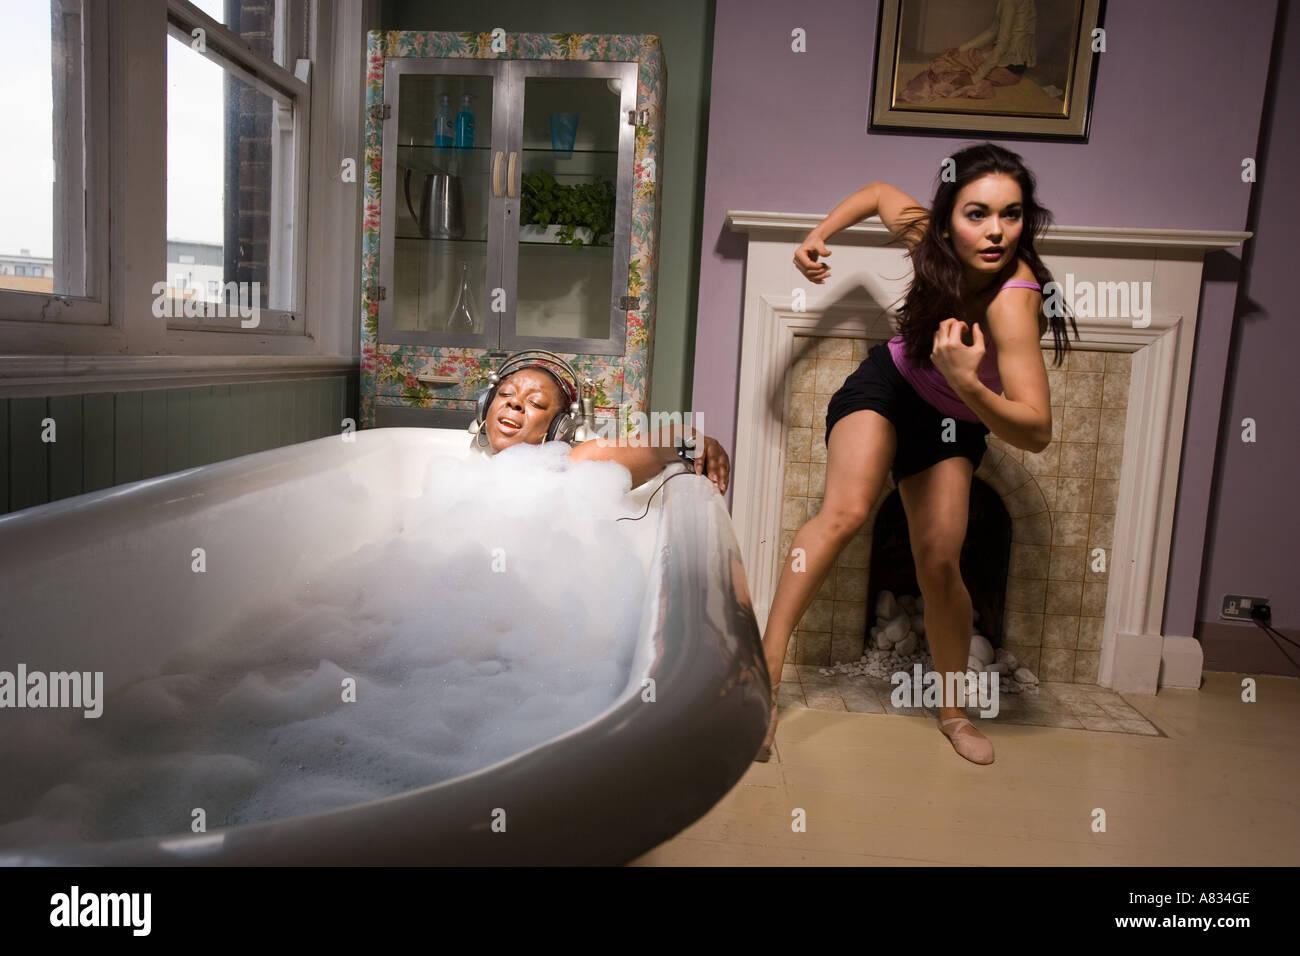 Due giovani donne in bagno uno immerso nella vasca da bagno con